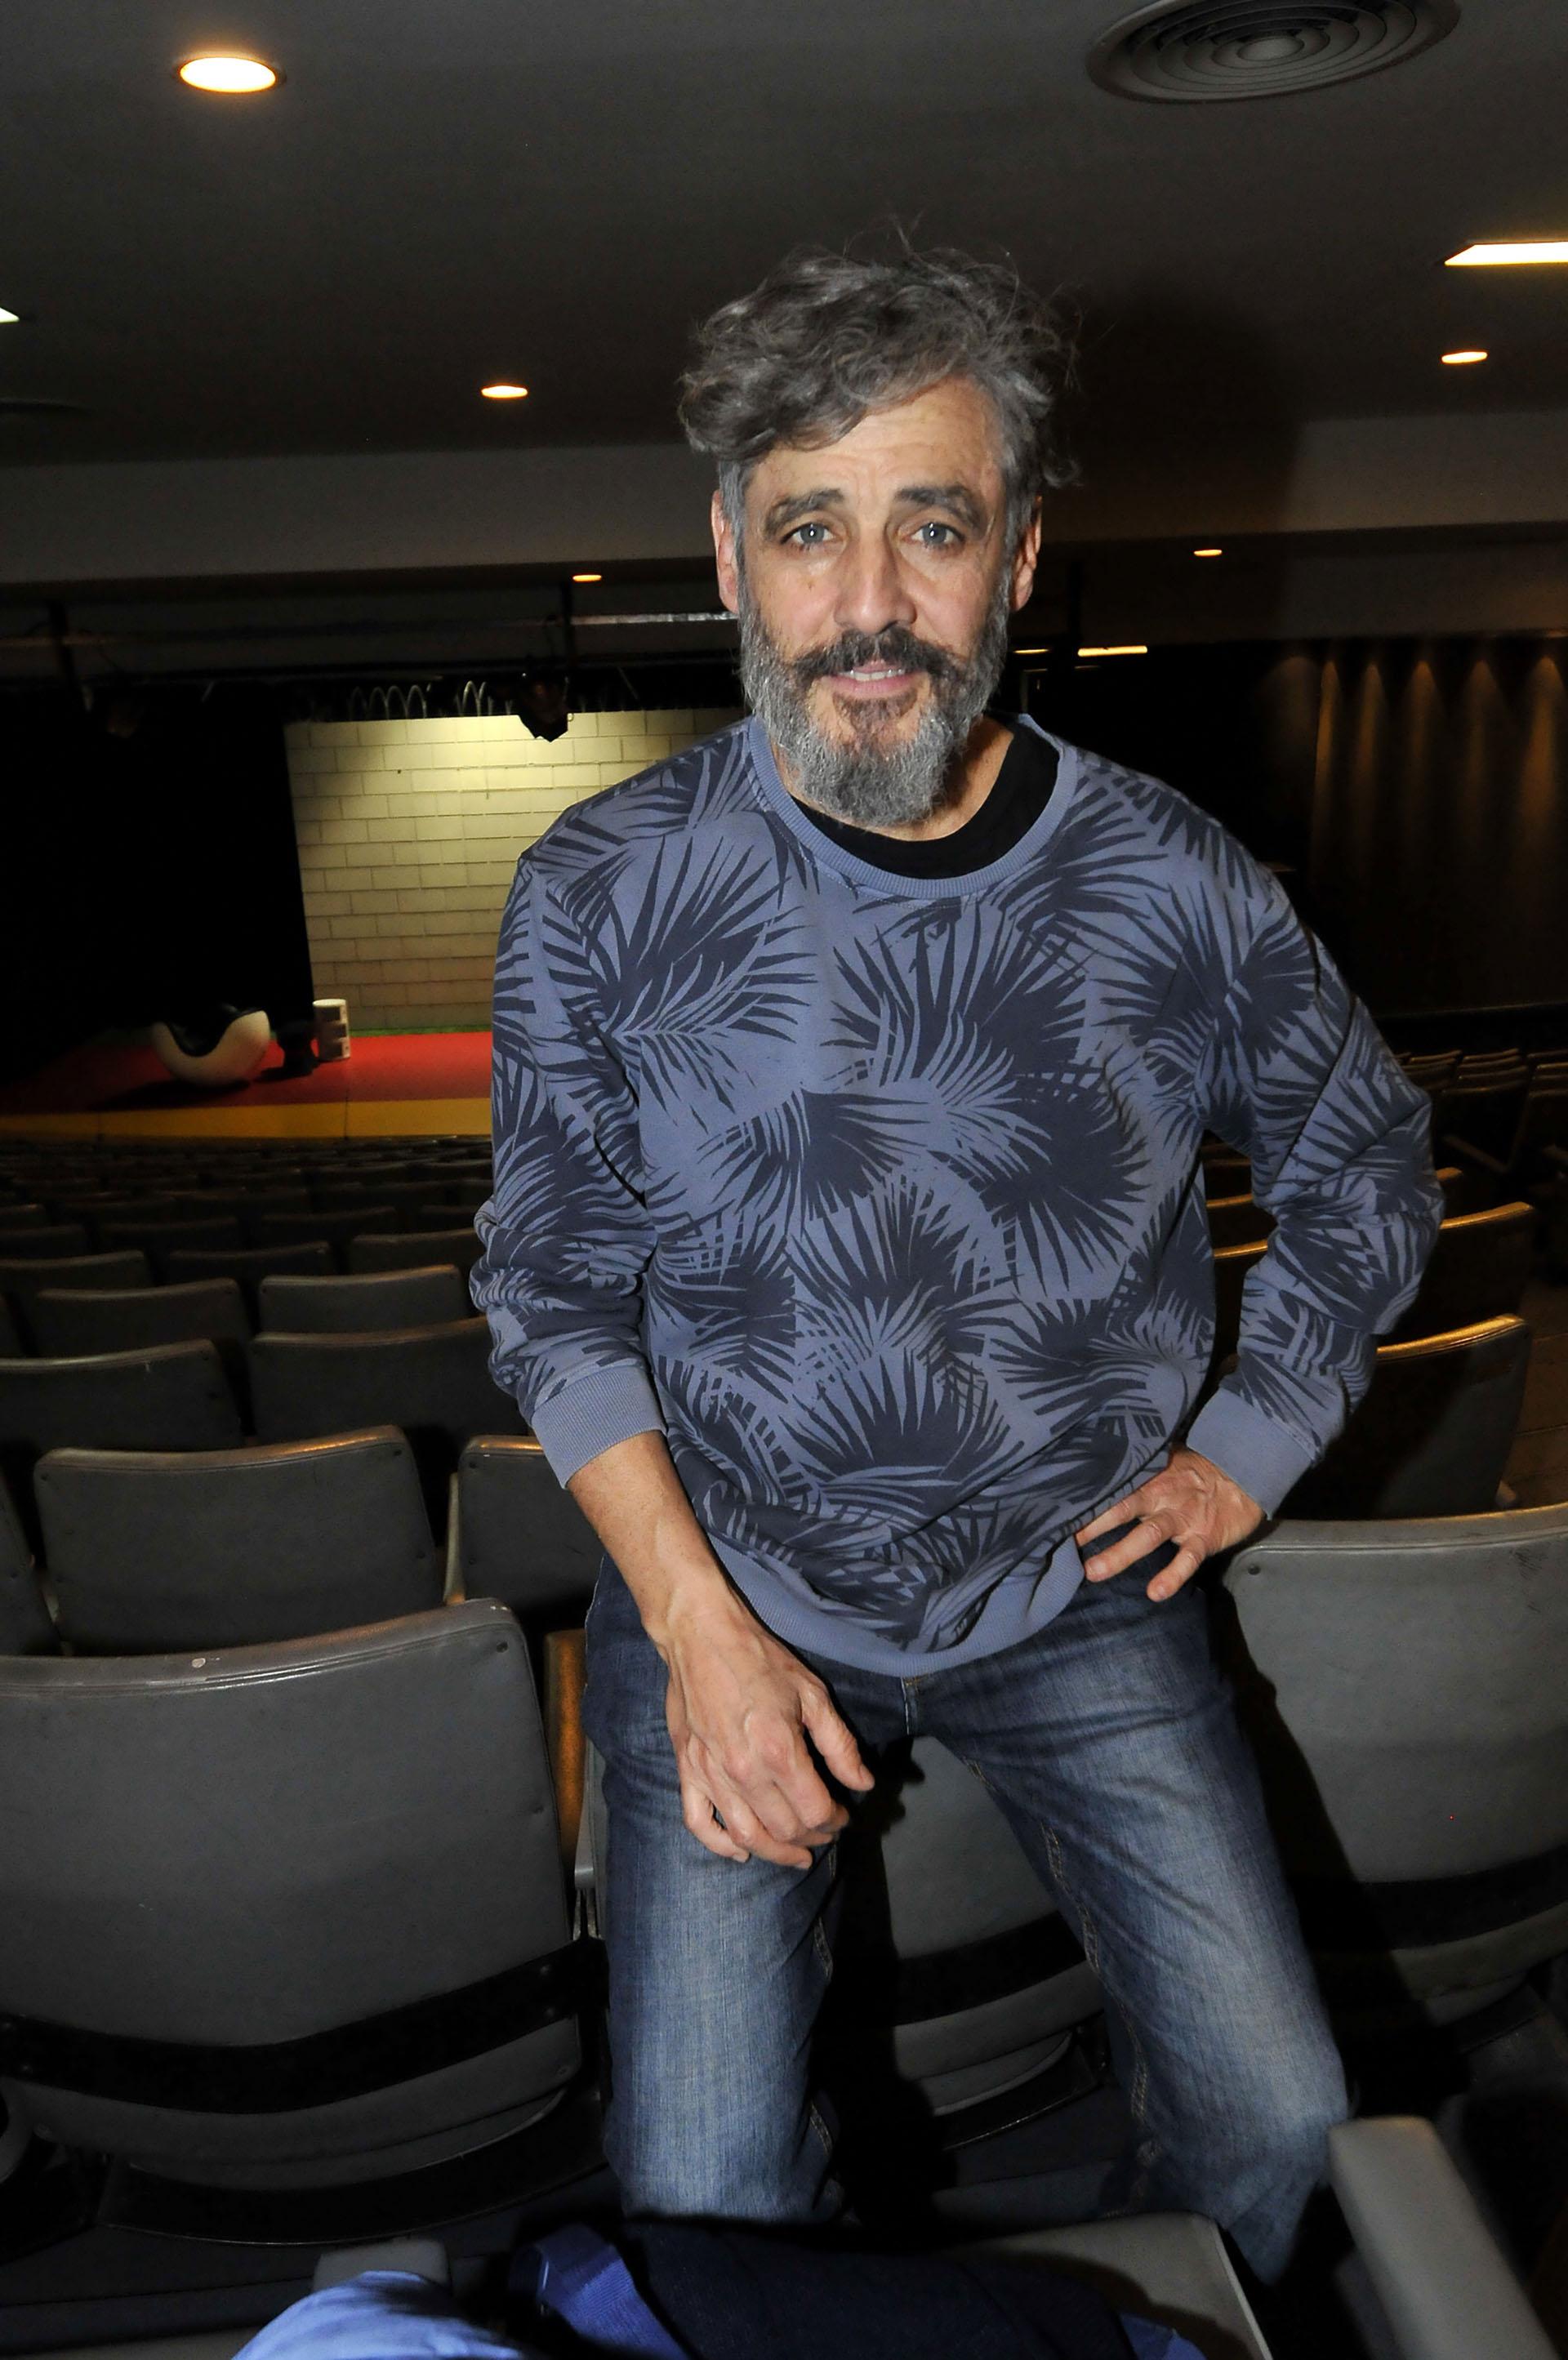 Germán Palacios interpreta a Leonardo, un hombre de clase alta que se dedica al diseño